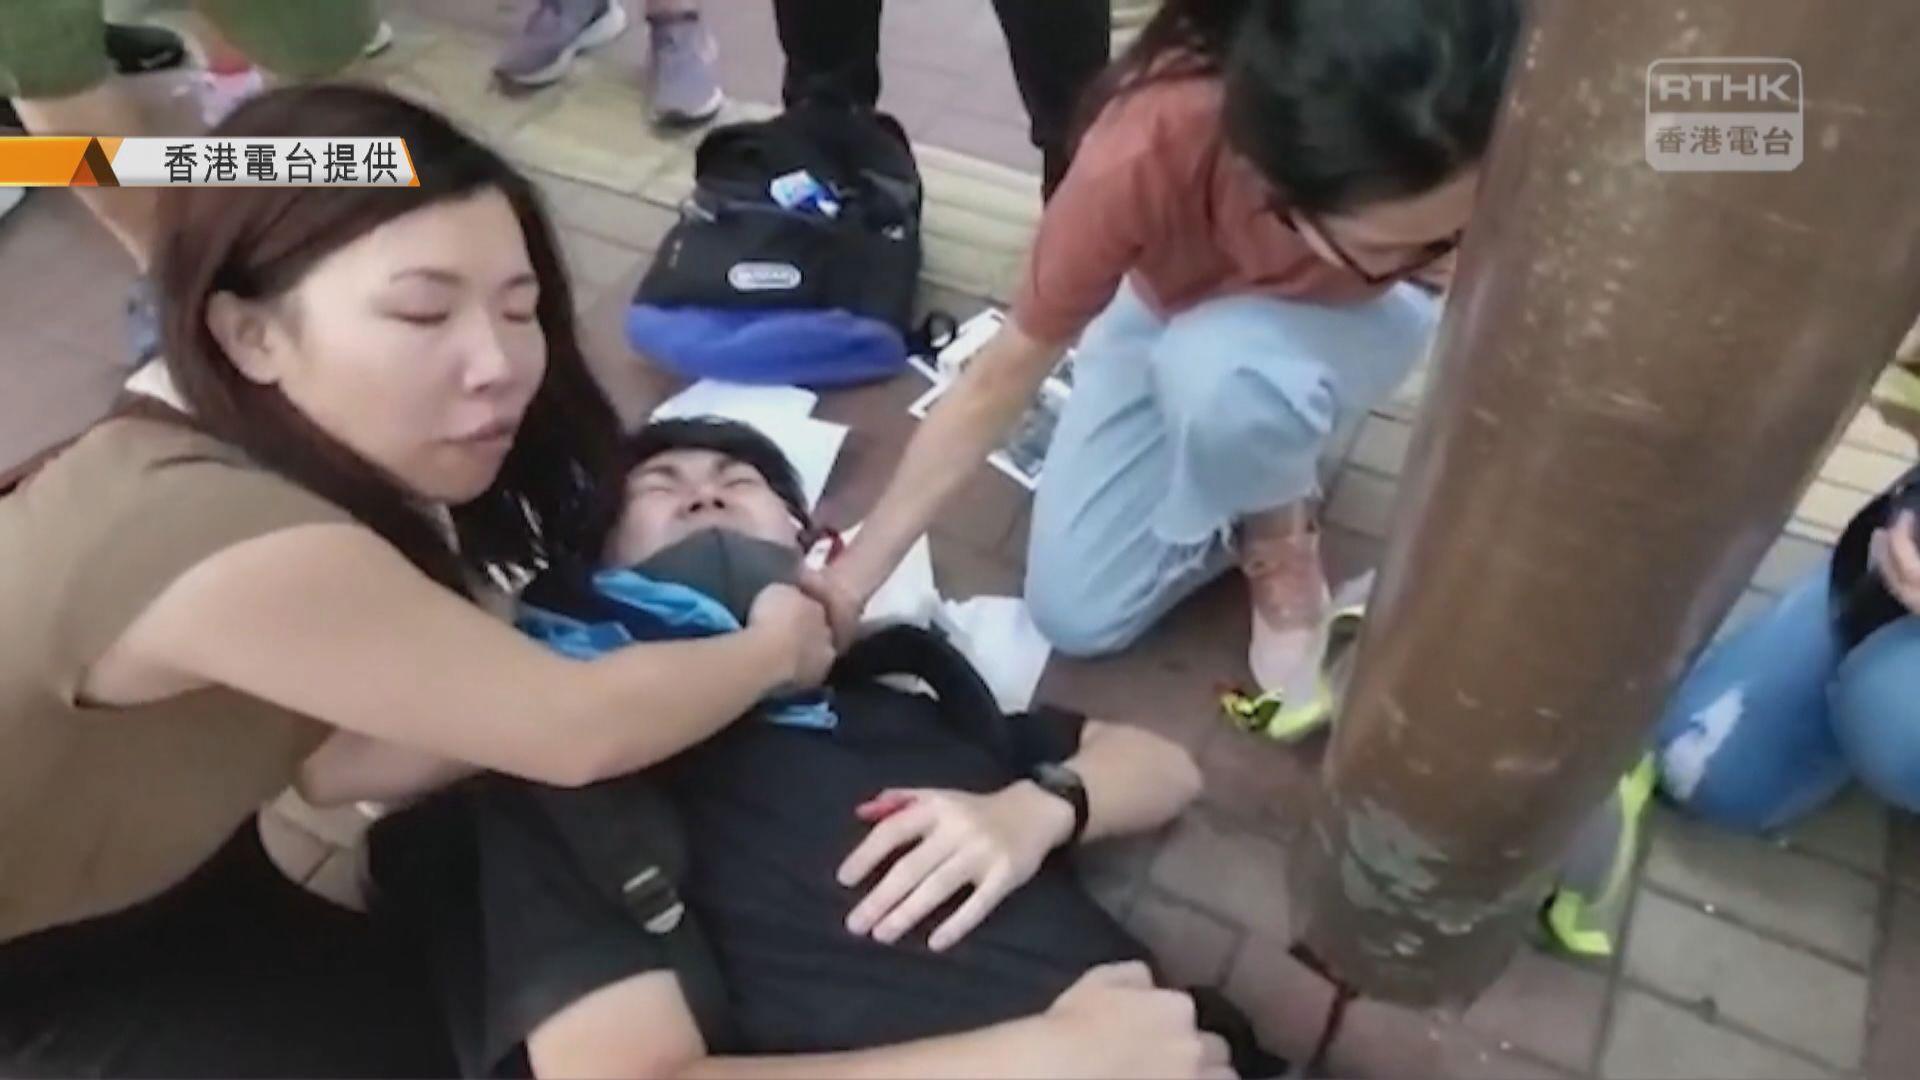 內地男刀傷派反修例傳單青年囚6年4個月 官批摧毀受害人一生